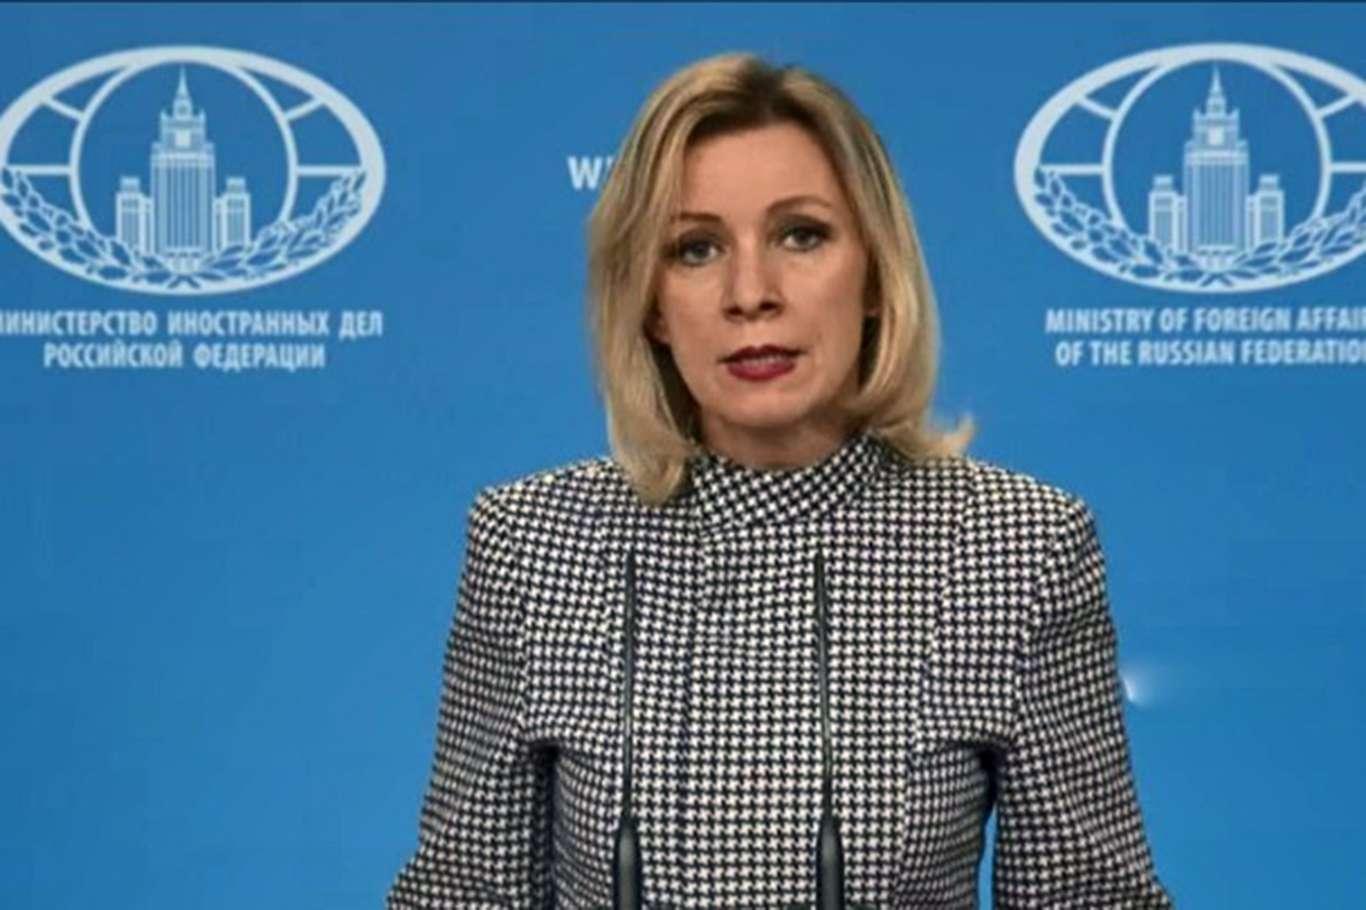 Rusya, ABD İle START-3 anlaşmasının Uzatılması Çalışmalarına Başladı